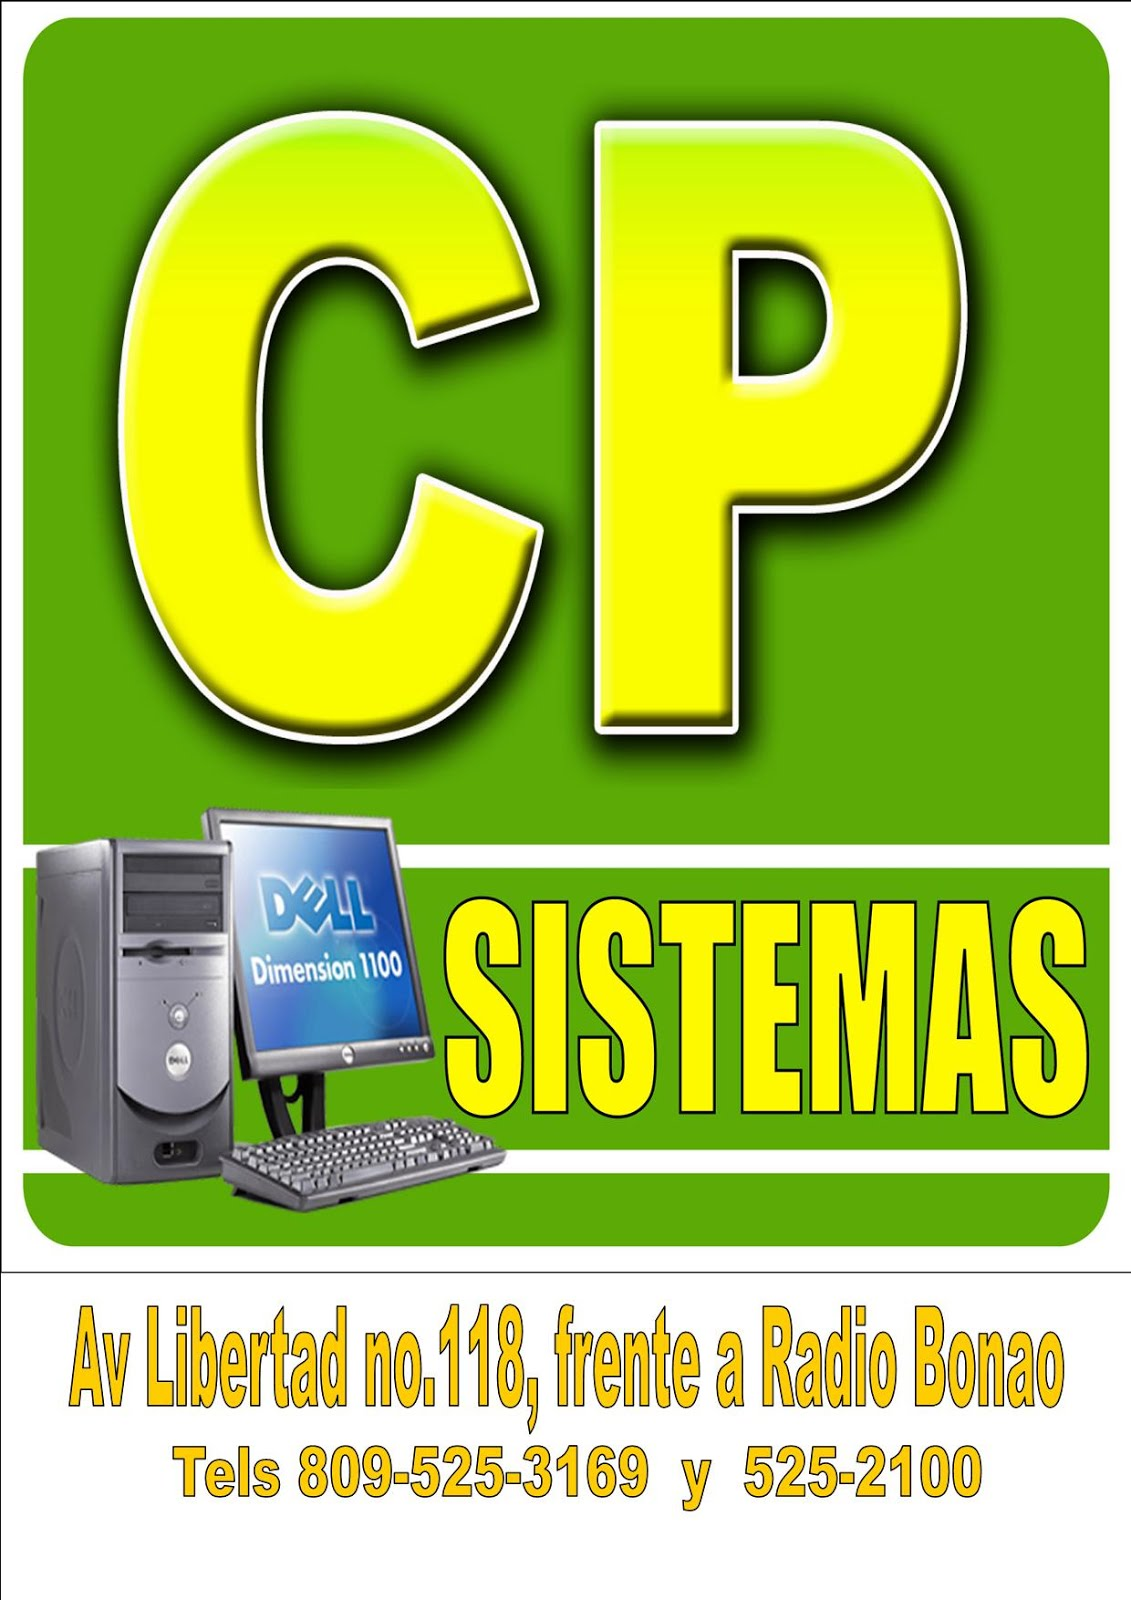 CP SISTEMA EN AVENIDA LIBERTAD No. 11 B, FRENTE A RADIO BONAO